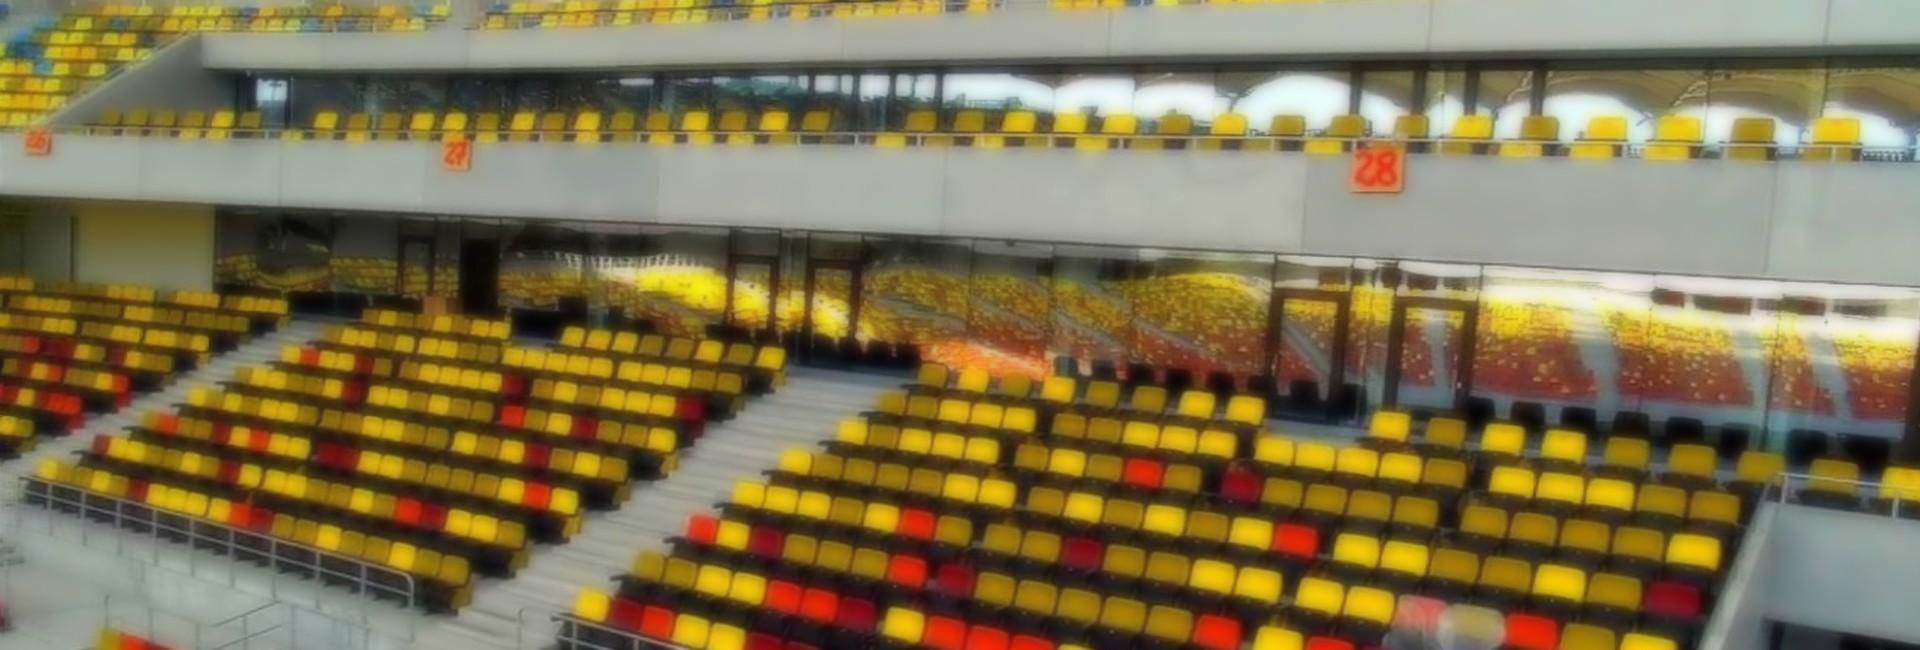 de la generaţia de Aur la generaţia scârbită societatea românească fotbalul românesc şi alegerile FRF slider